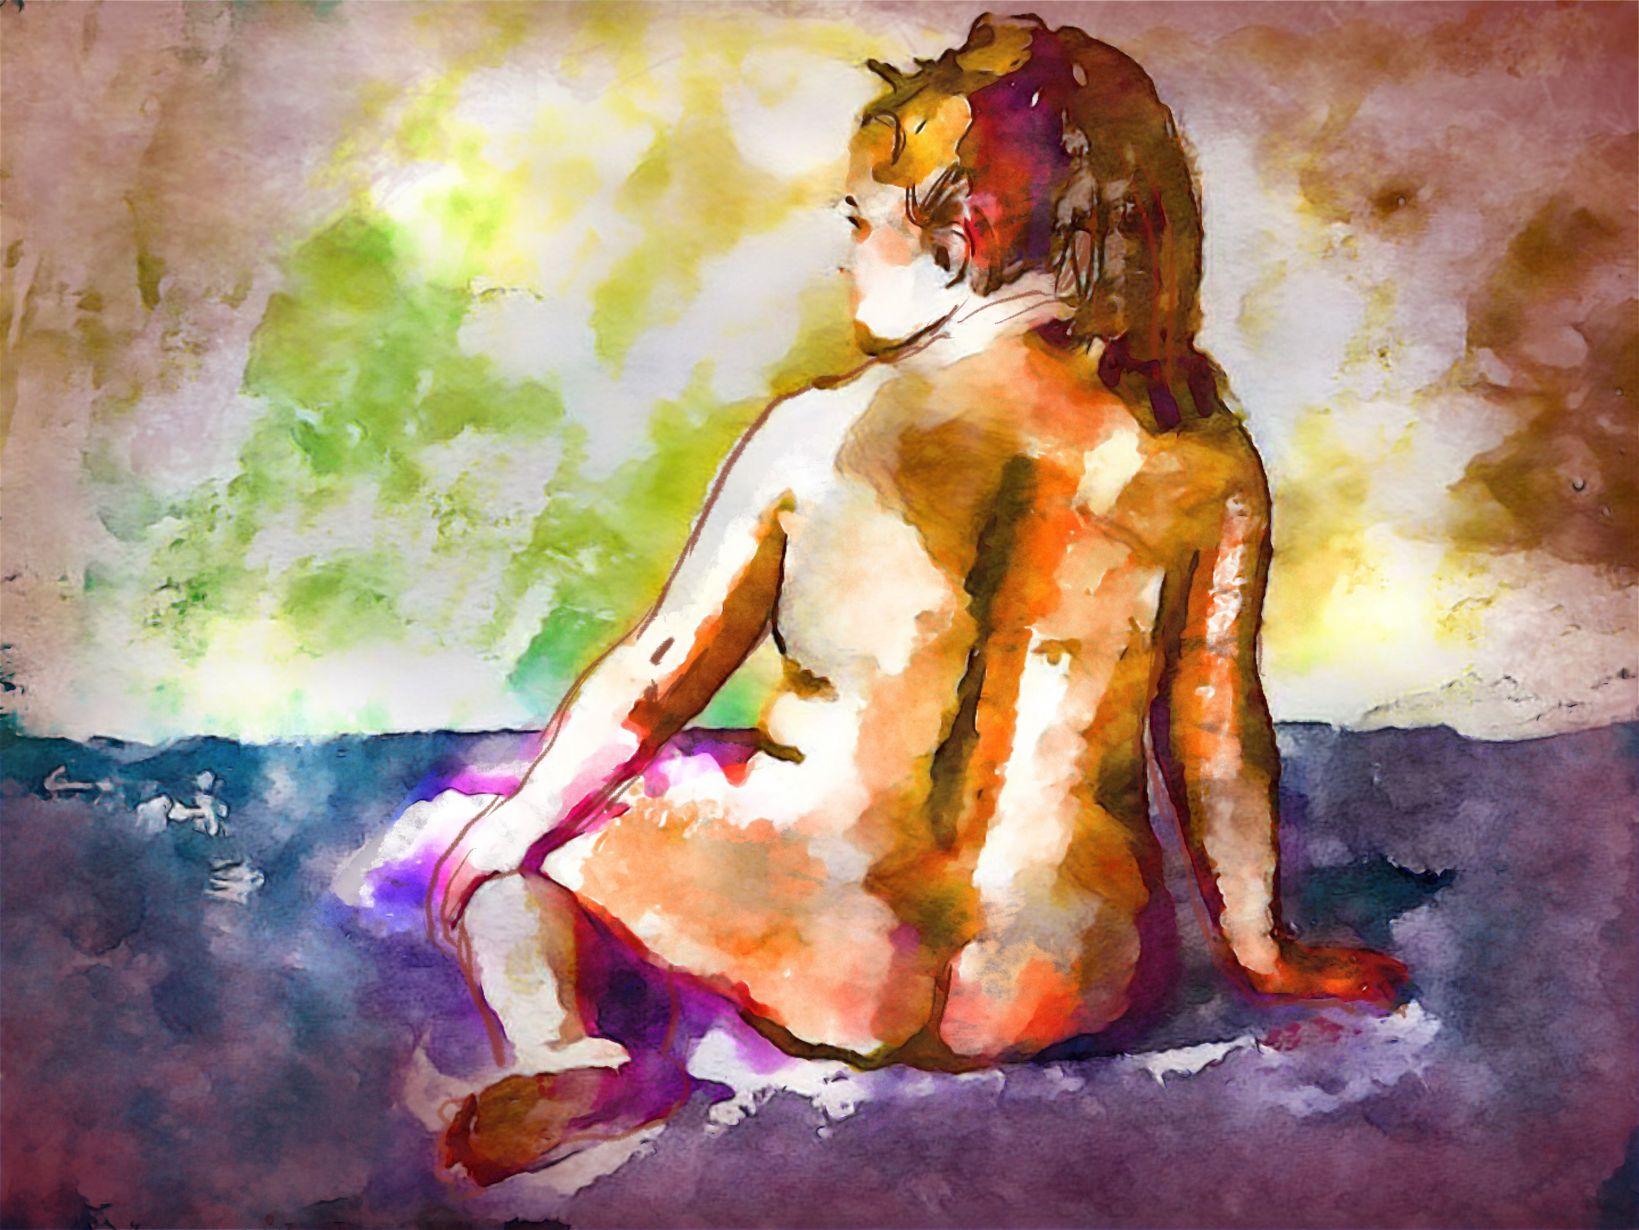 Desnudo de espalda (2021) - Soledad Fernandez Fernandez